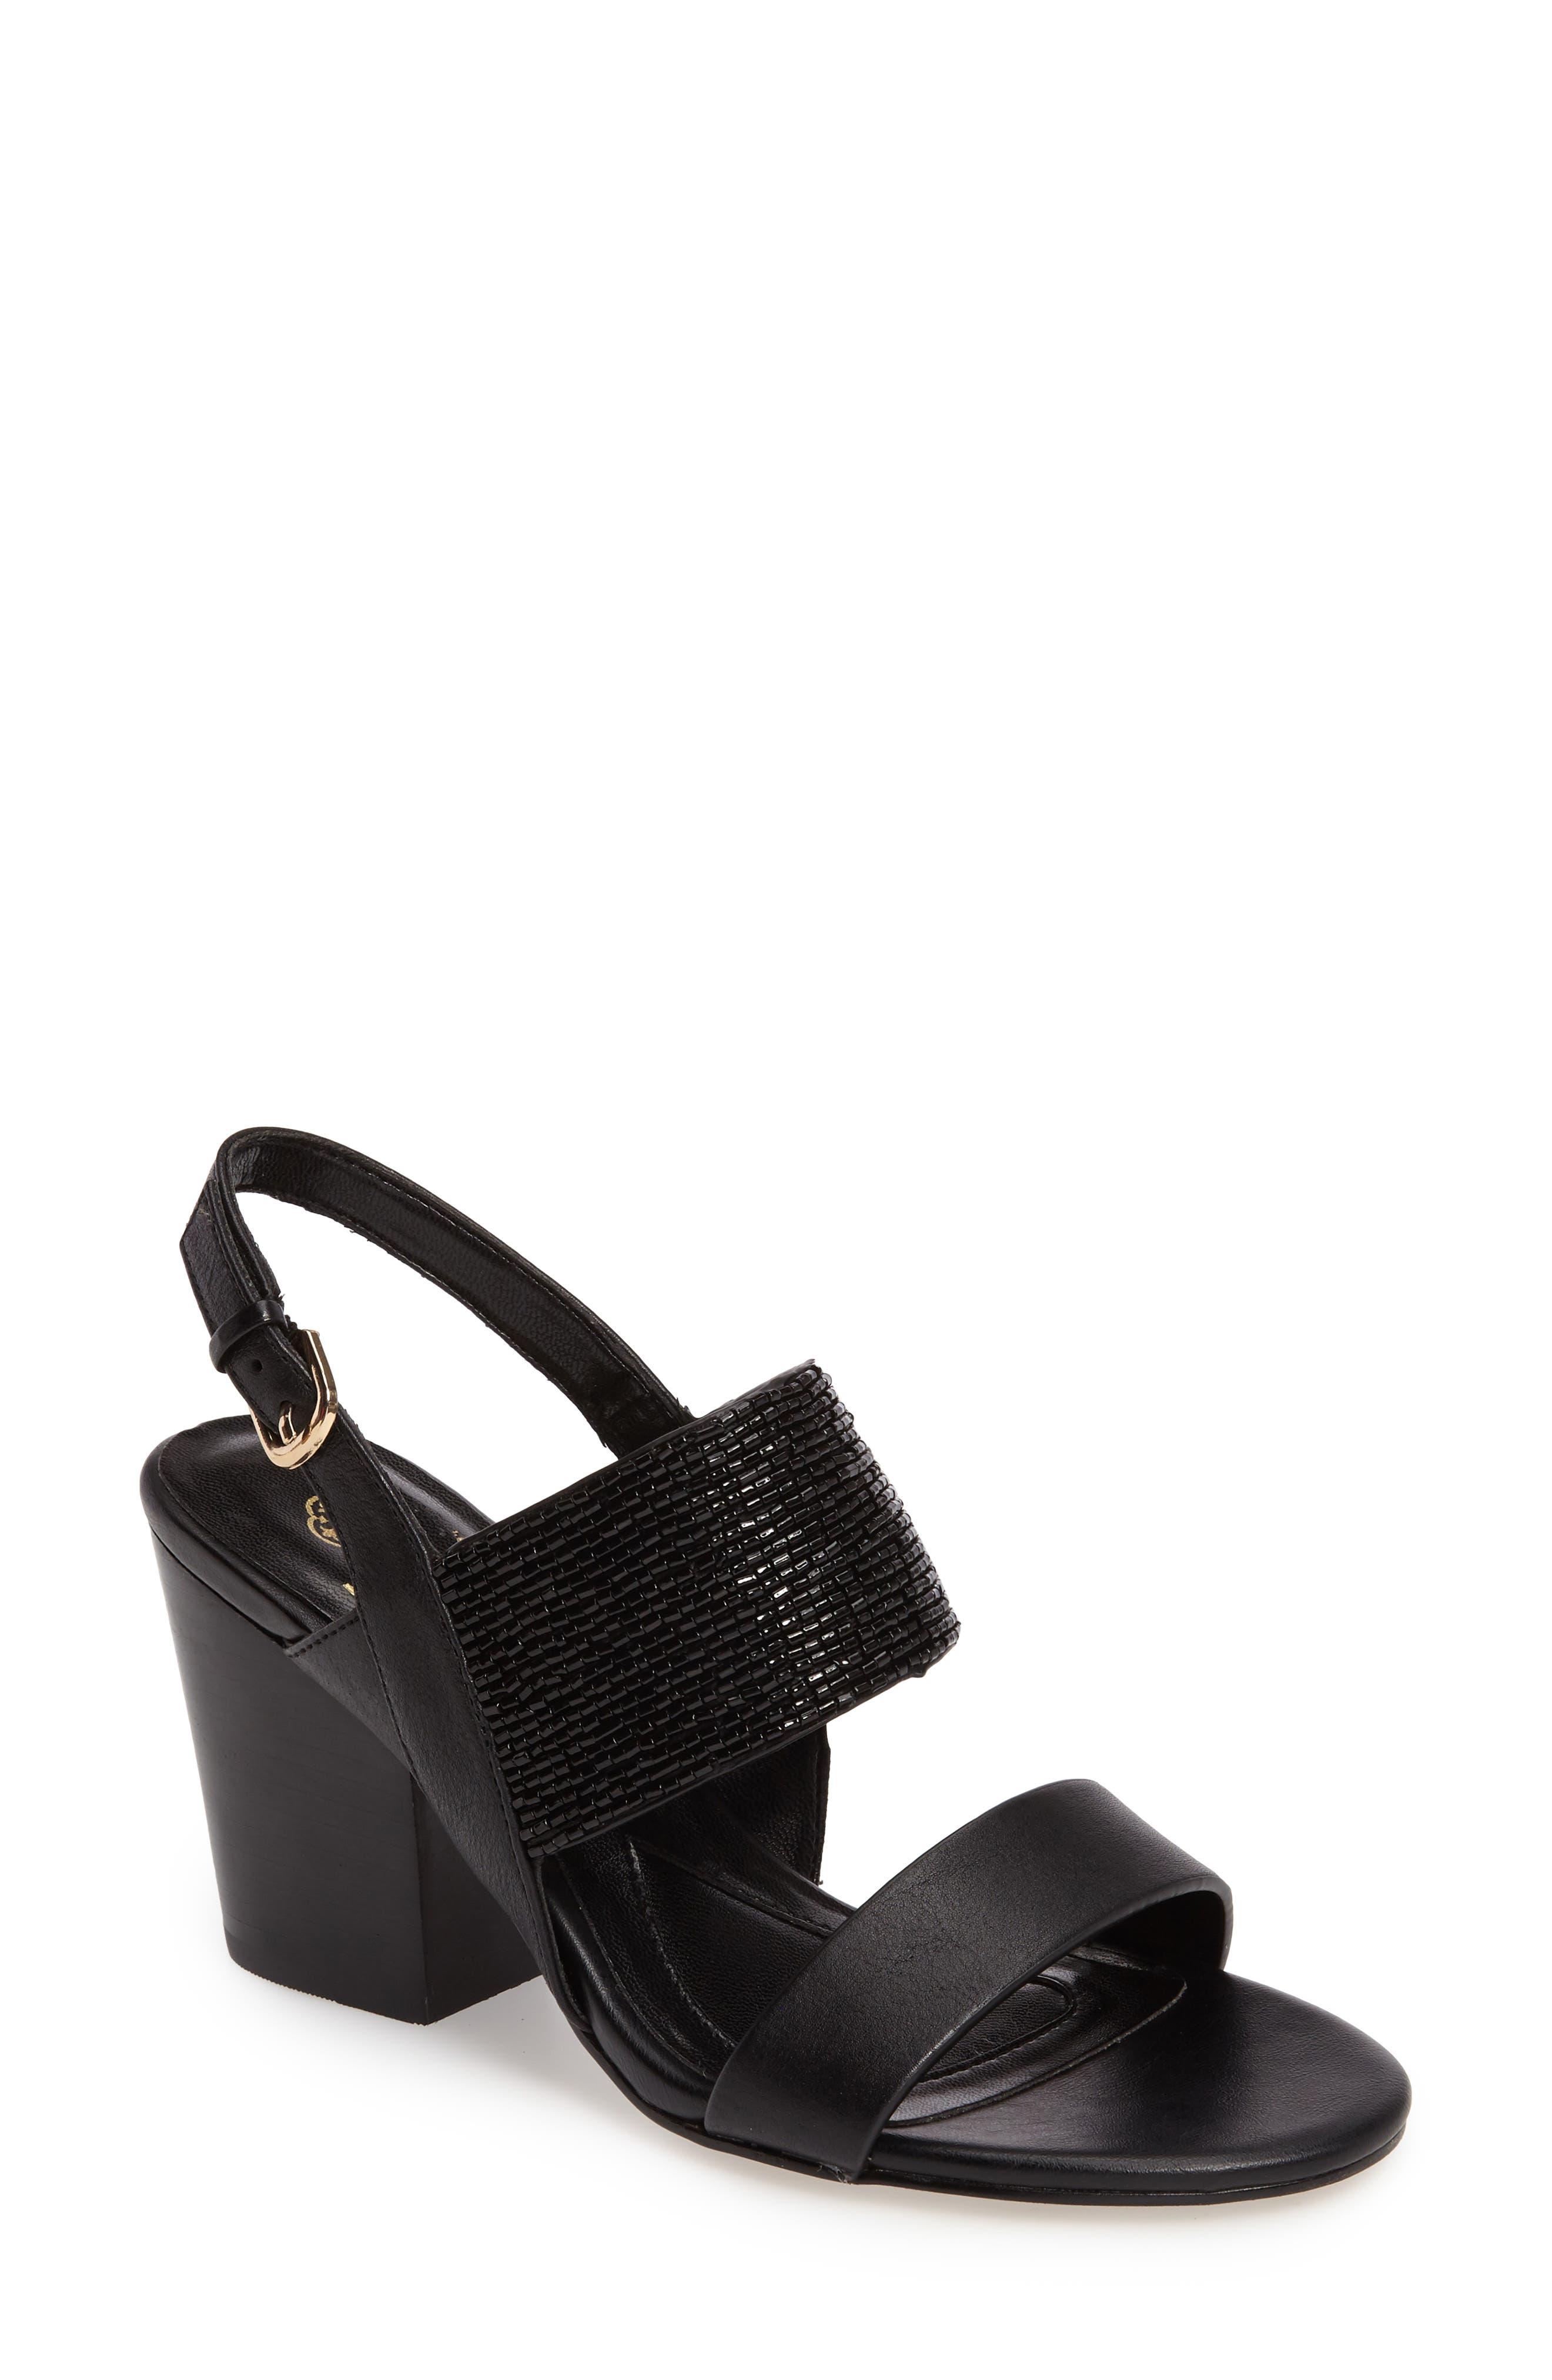 Isola Lia Block Heel Sandal, Black